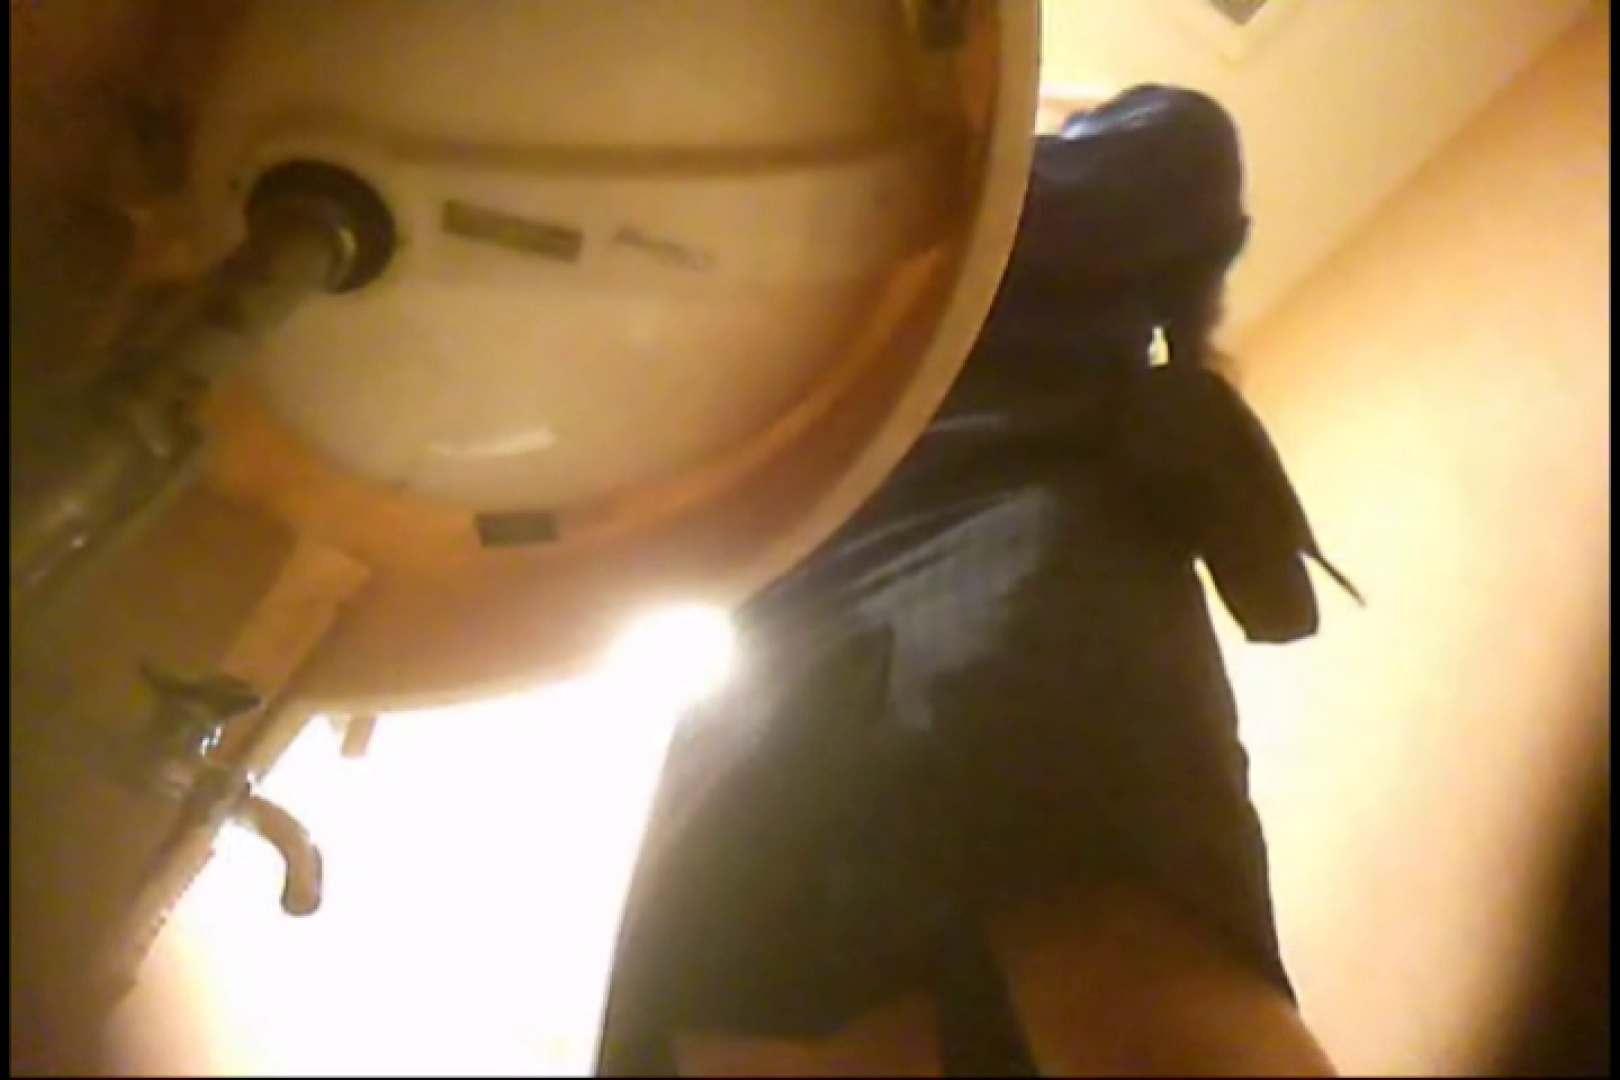 潜入!!女子化粧室盗撮~絶対見られたくない時間~vo,129 熟女のエロ動画 | 潜入  75PIX 33